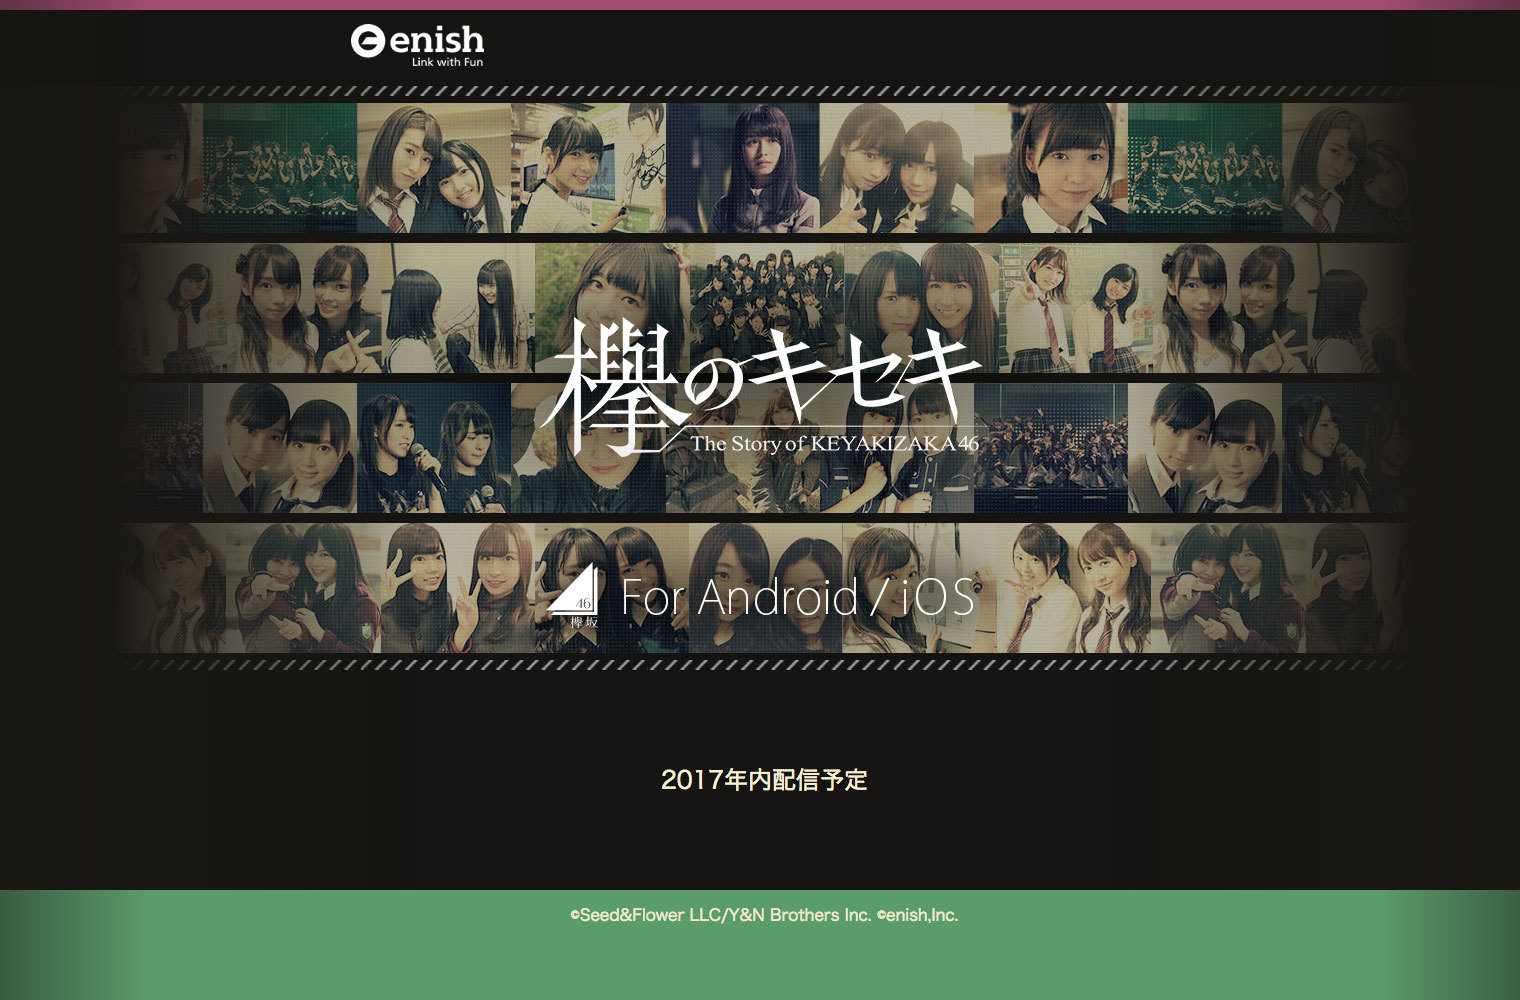 欅坂46公式ゲームアプリ『欅のキセキ』